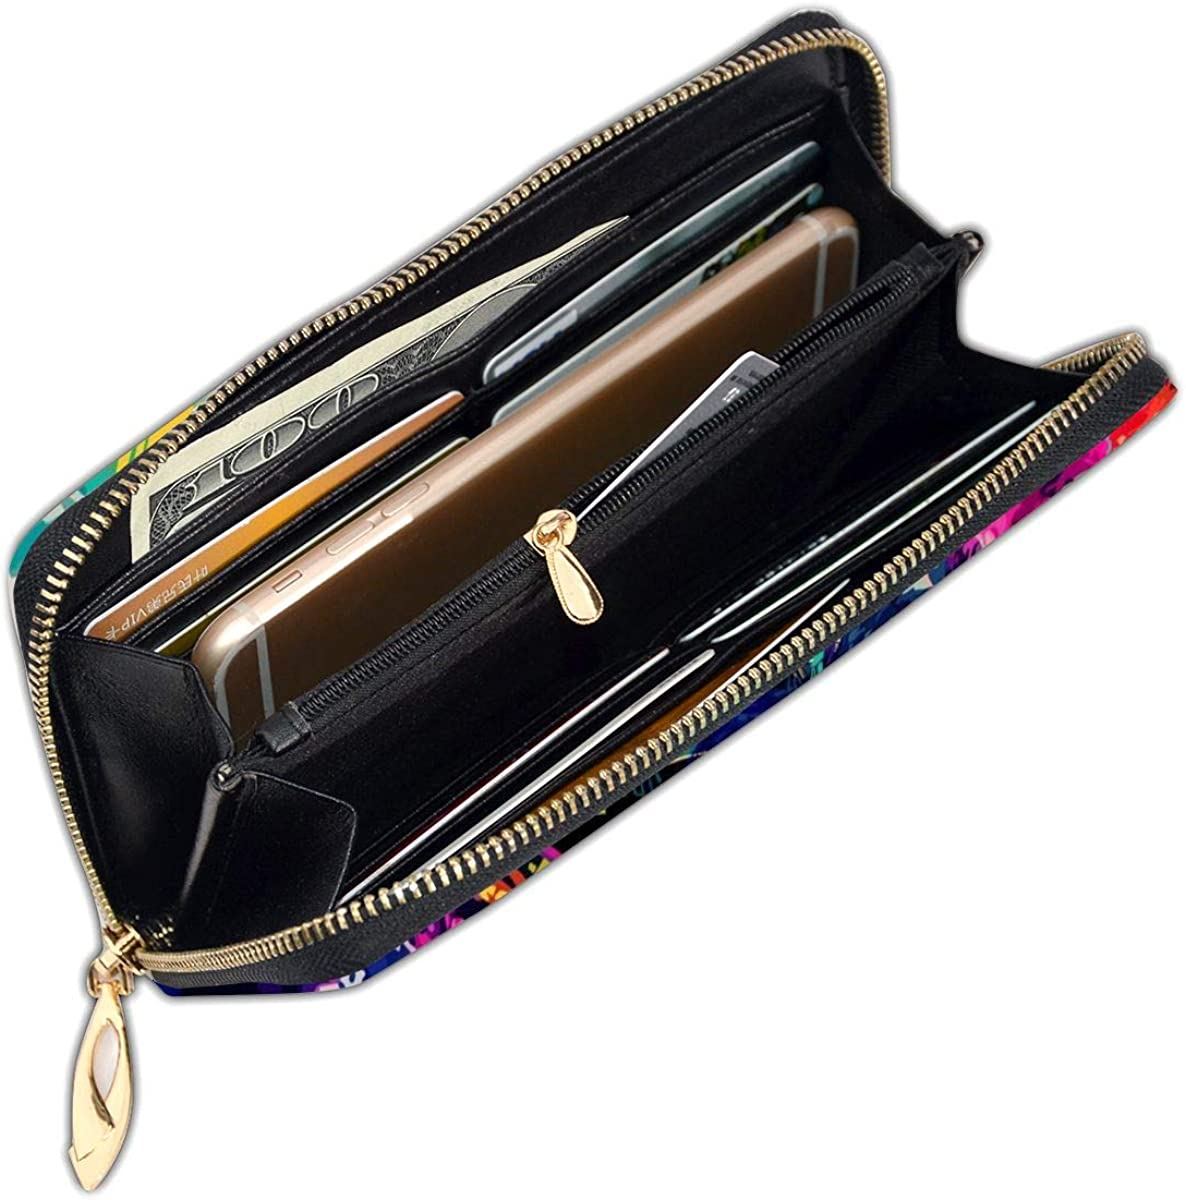 Women Genuine Leather Wallets Children Colorful Cloud Credit Card Holder Organizer Ladies Purse Zipper Around Clutch